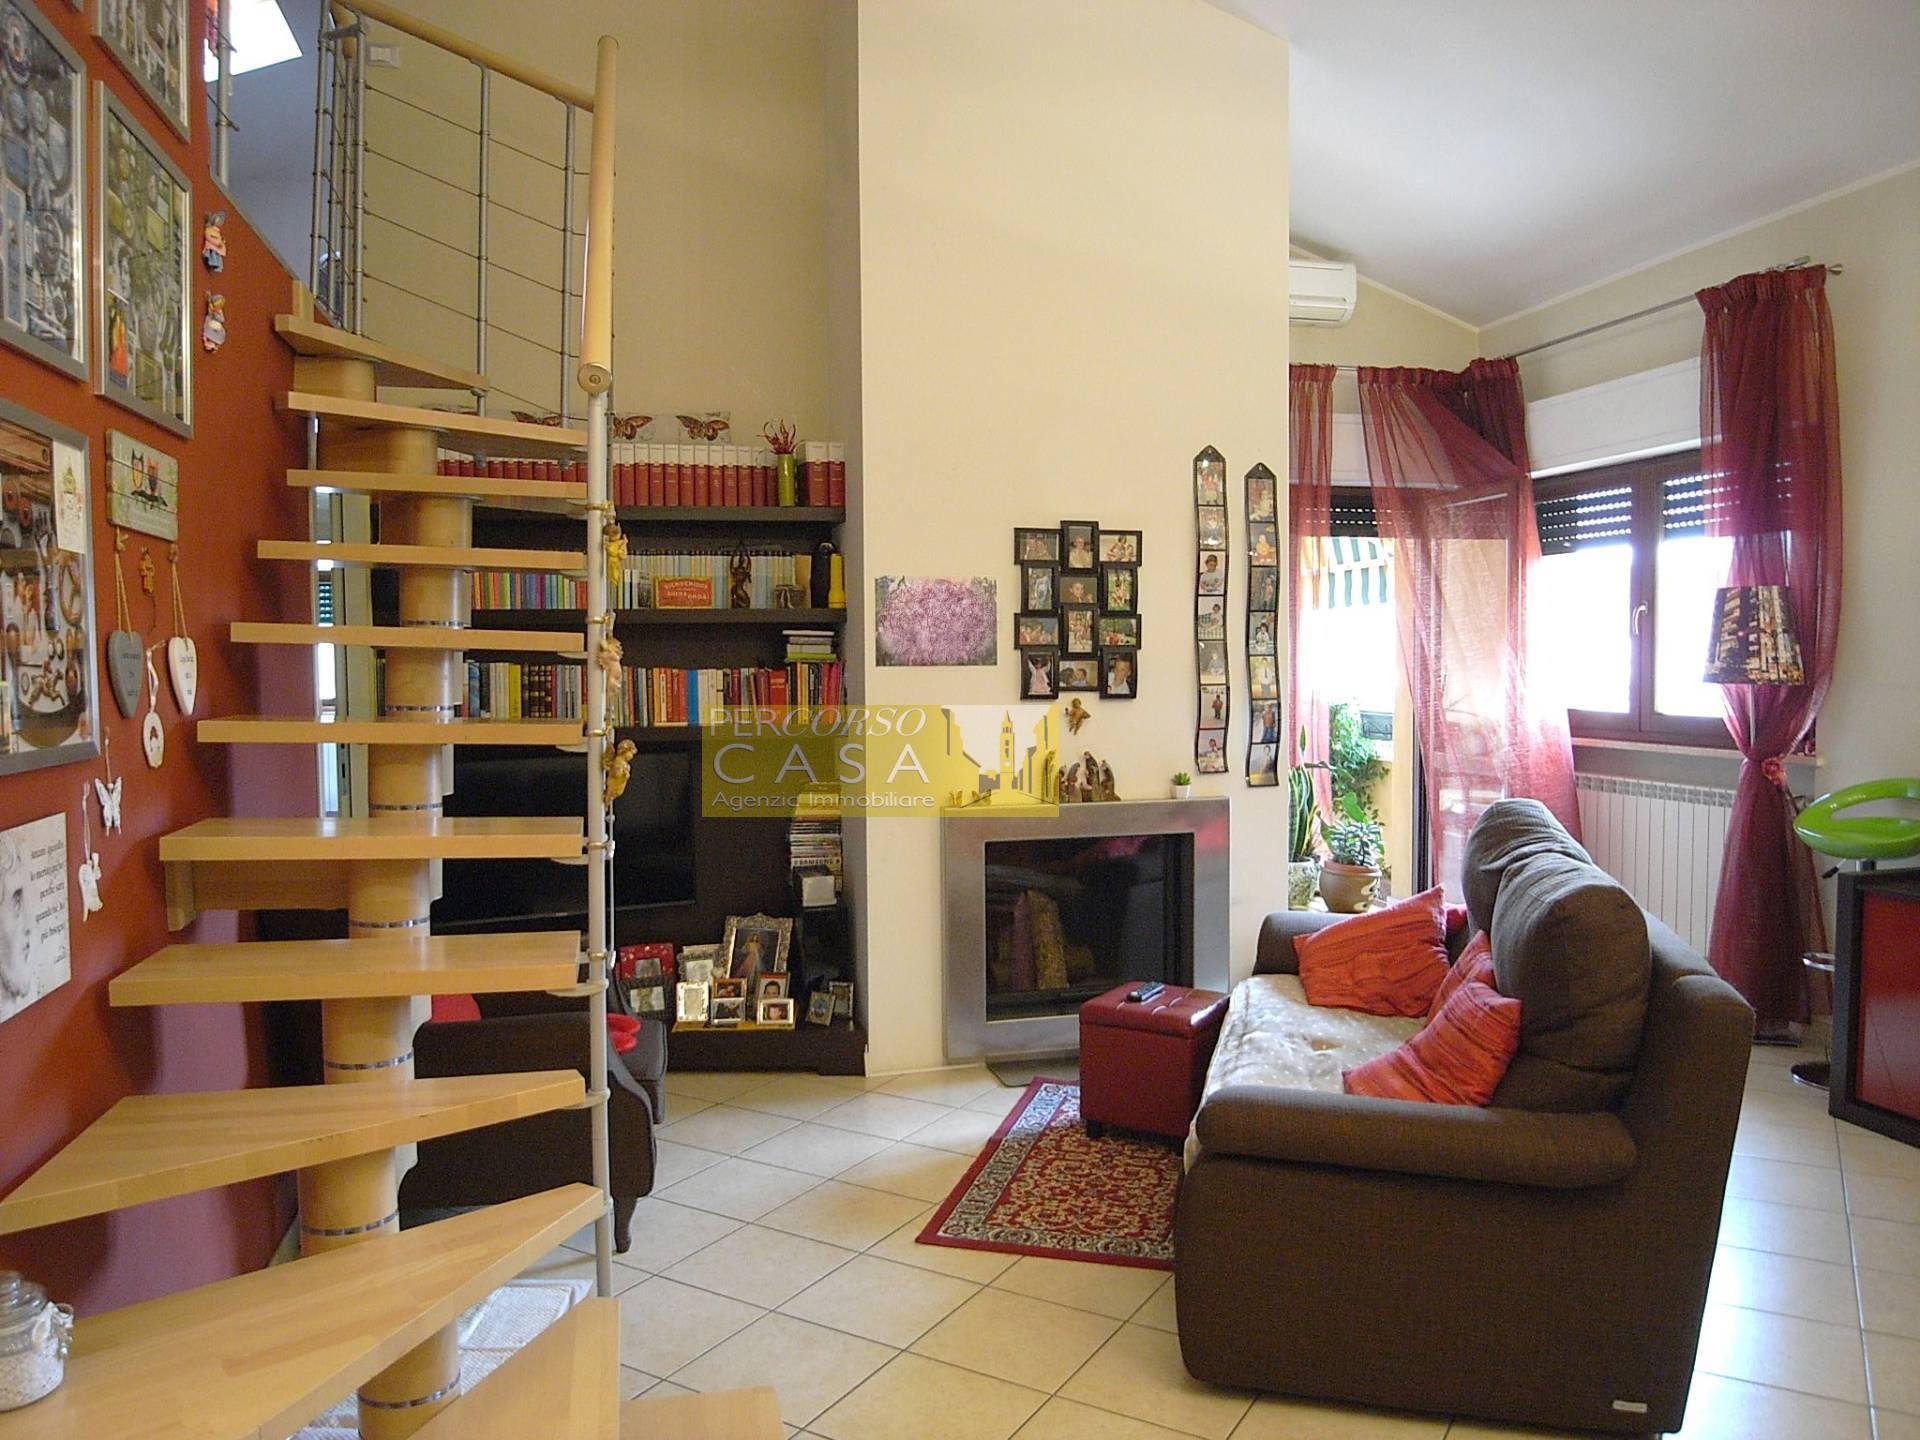 Appartamento in vendita a Teramo, 6 locali, zona Località: VillaMosca, prezzo € 220.000   PortaleAgenzieImmobiliari.it